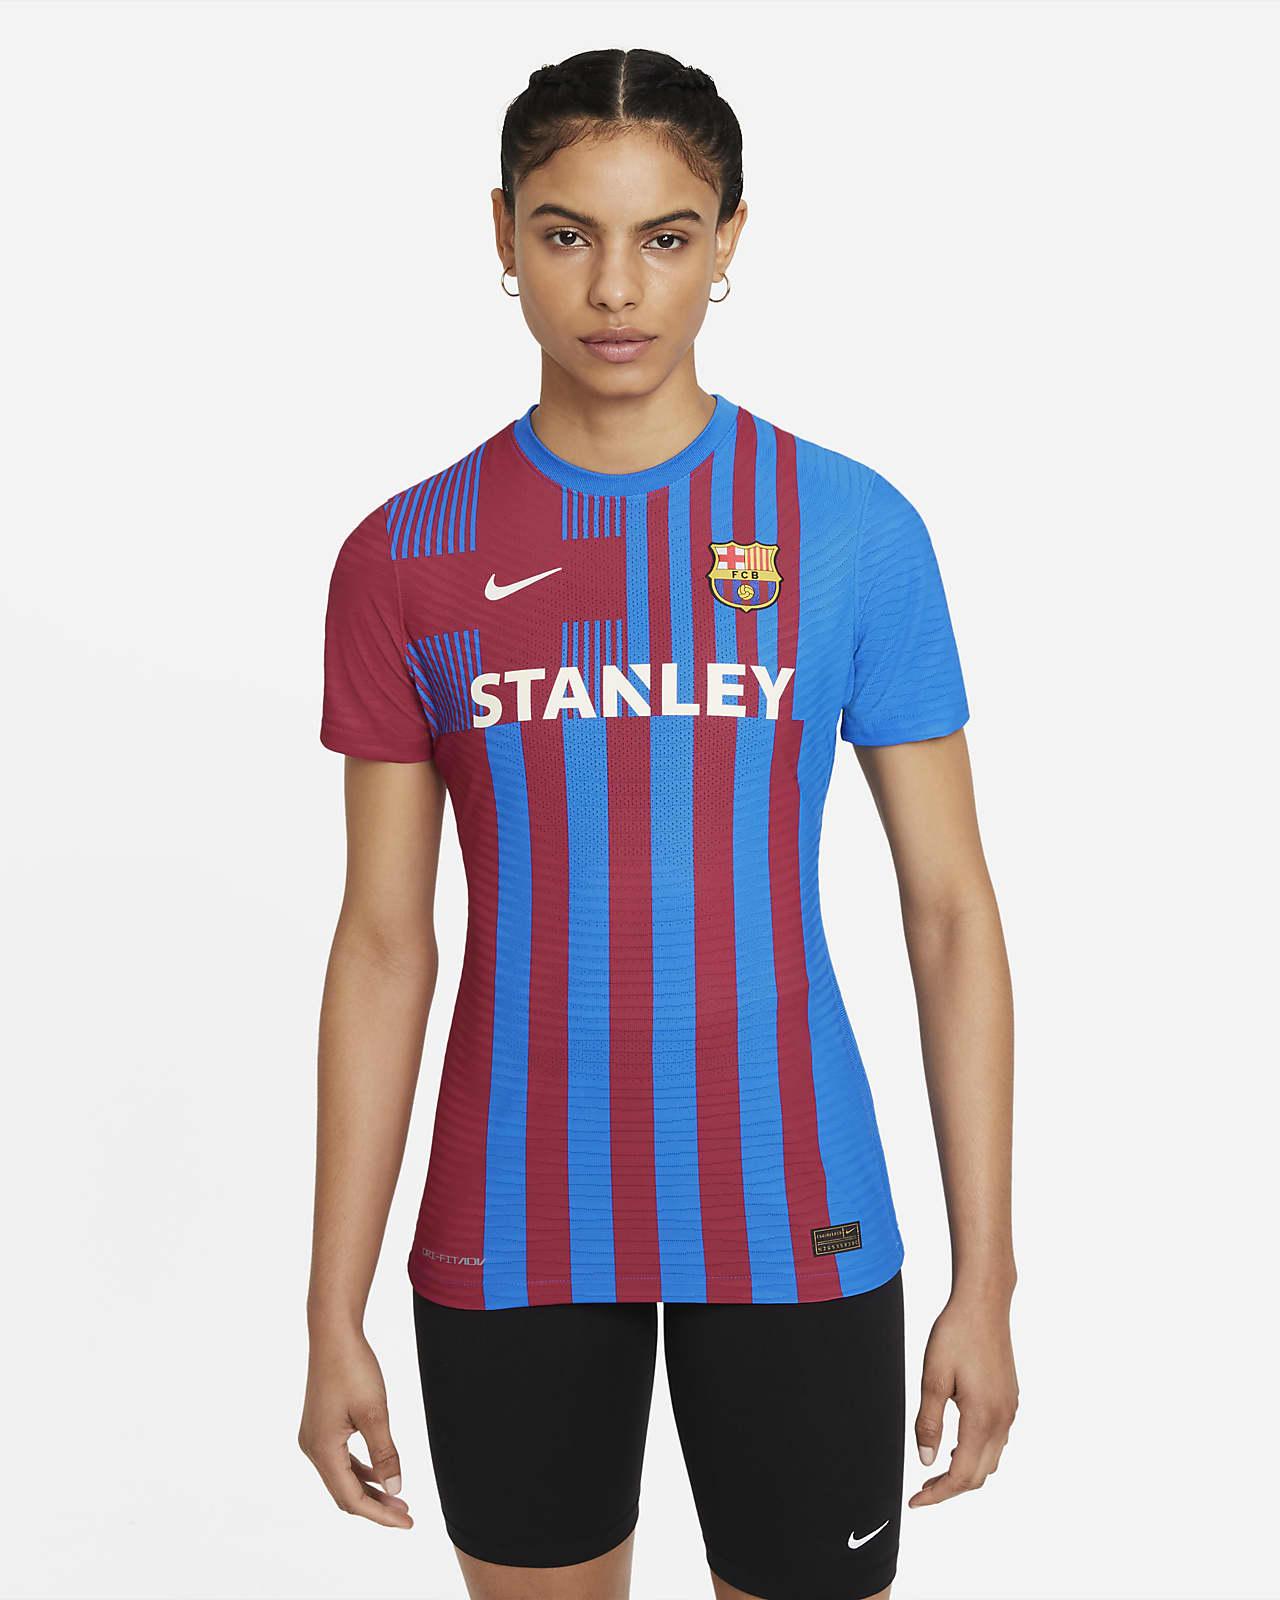 Maillot de football Nike Dri-FIT ADV FC Barcelona 2021/22 Match Domicile pour Femme